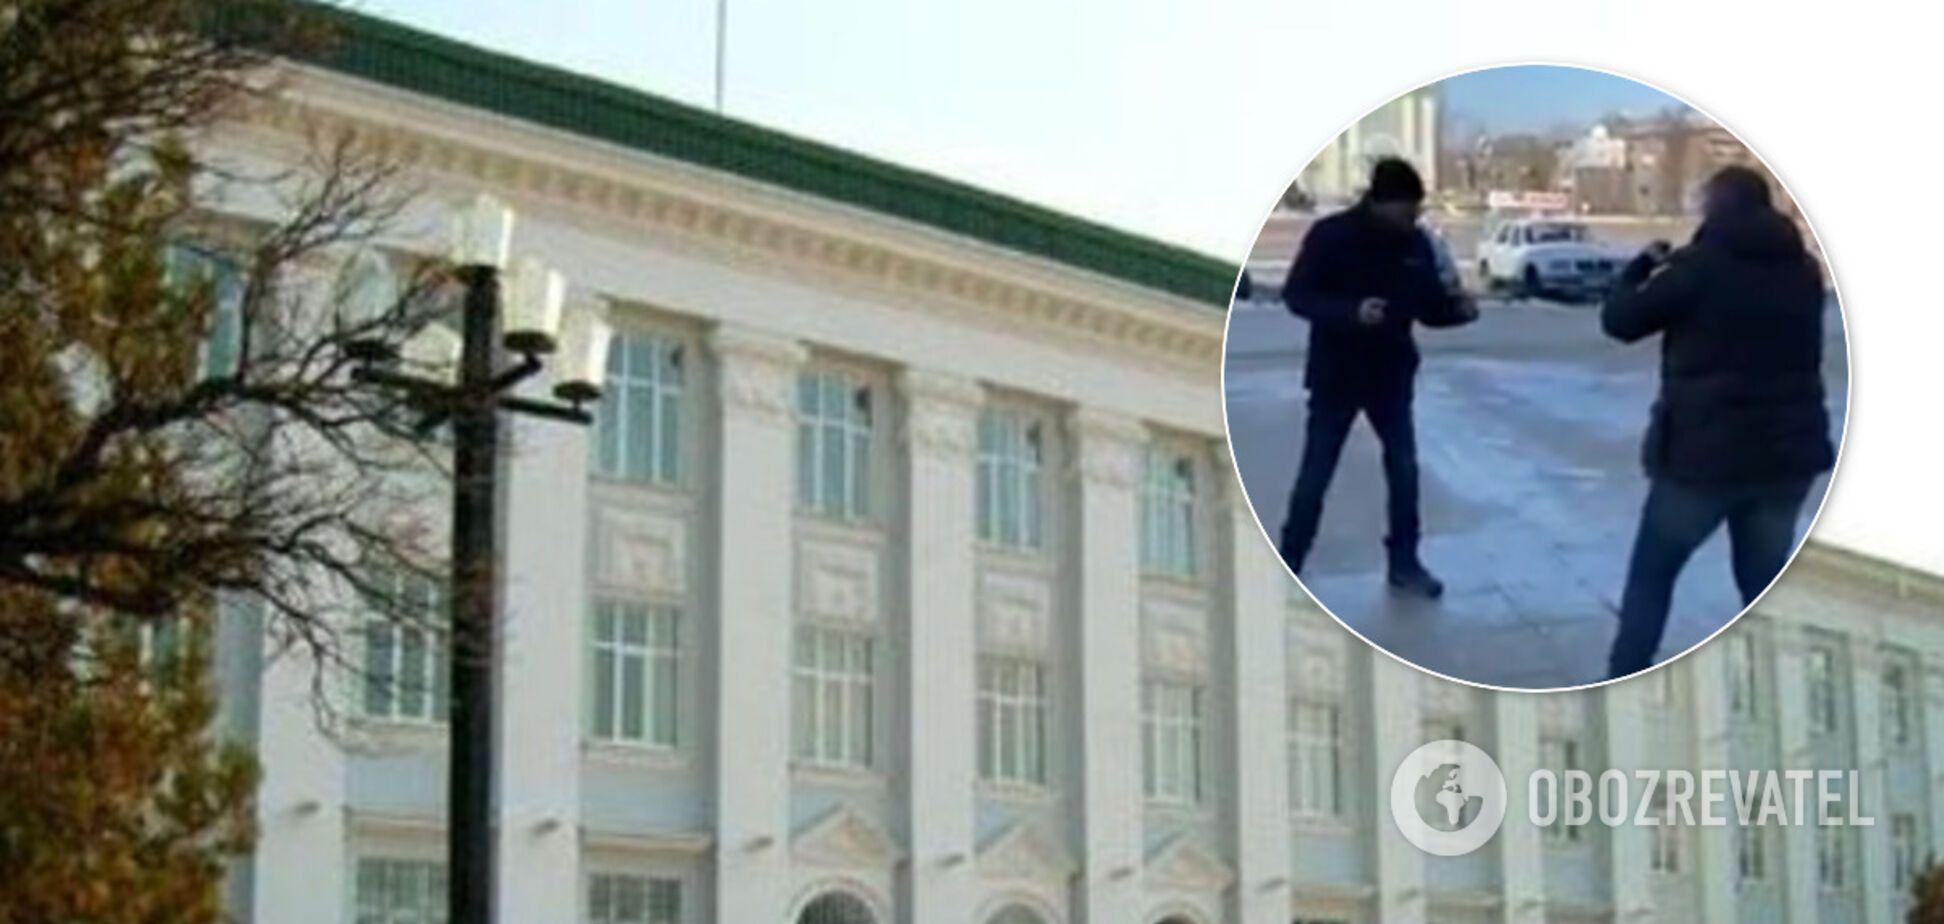 Помічник 'слуги' і депутат міськради влаштували бійку